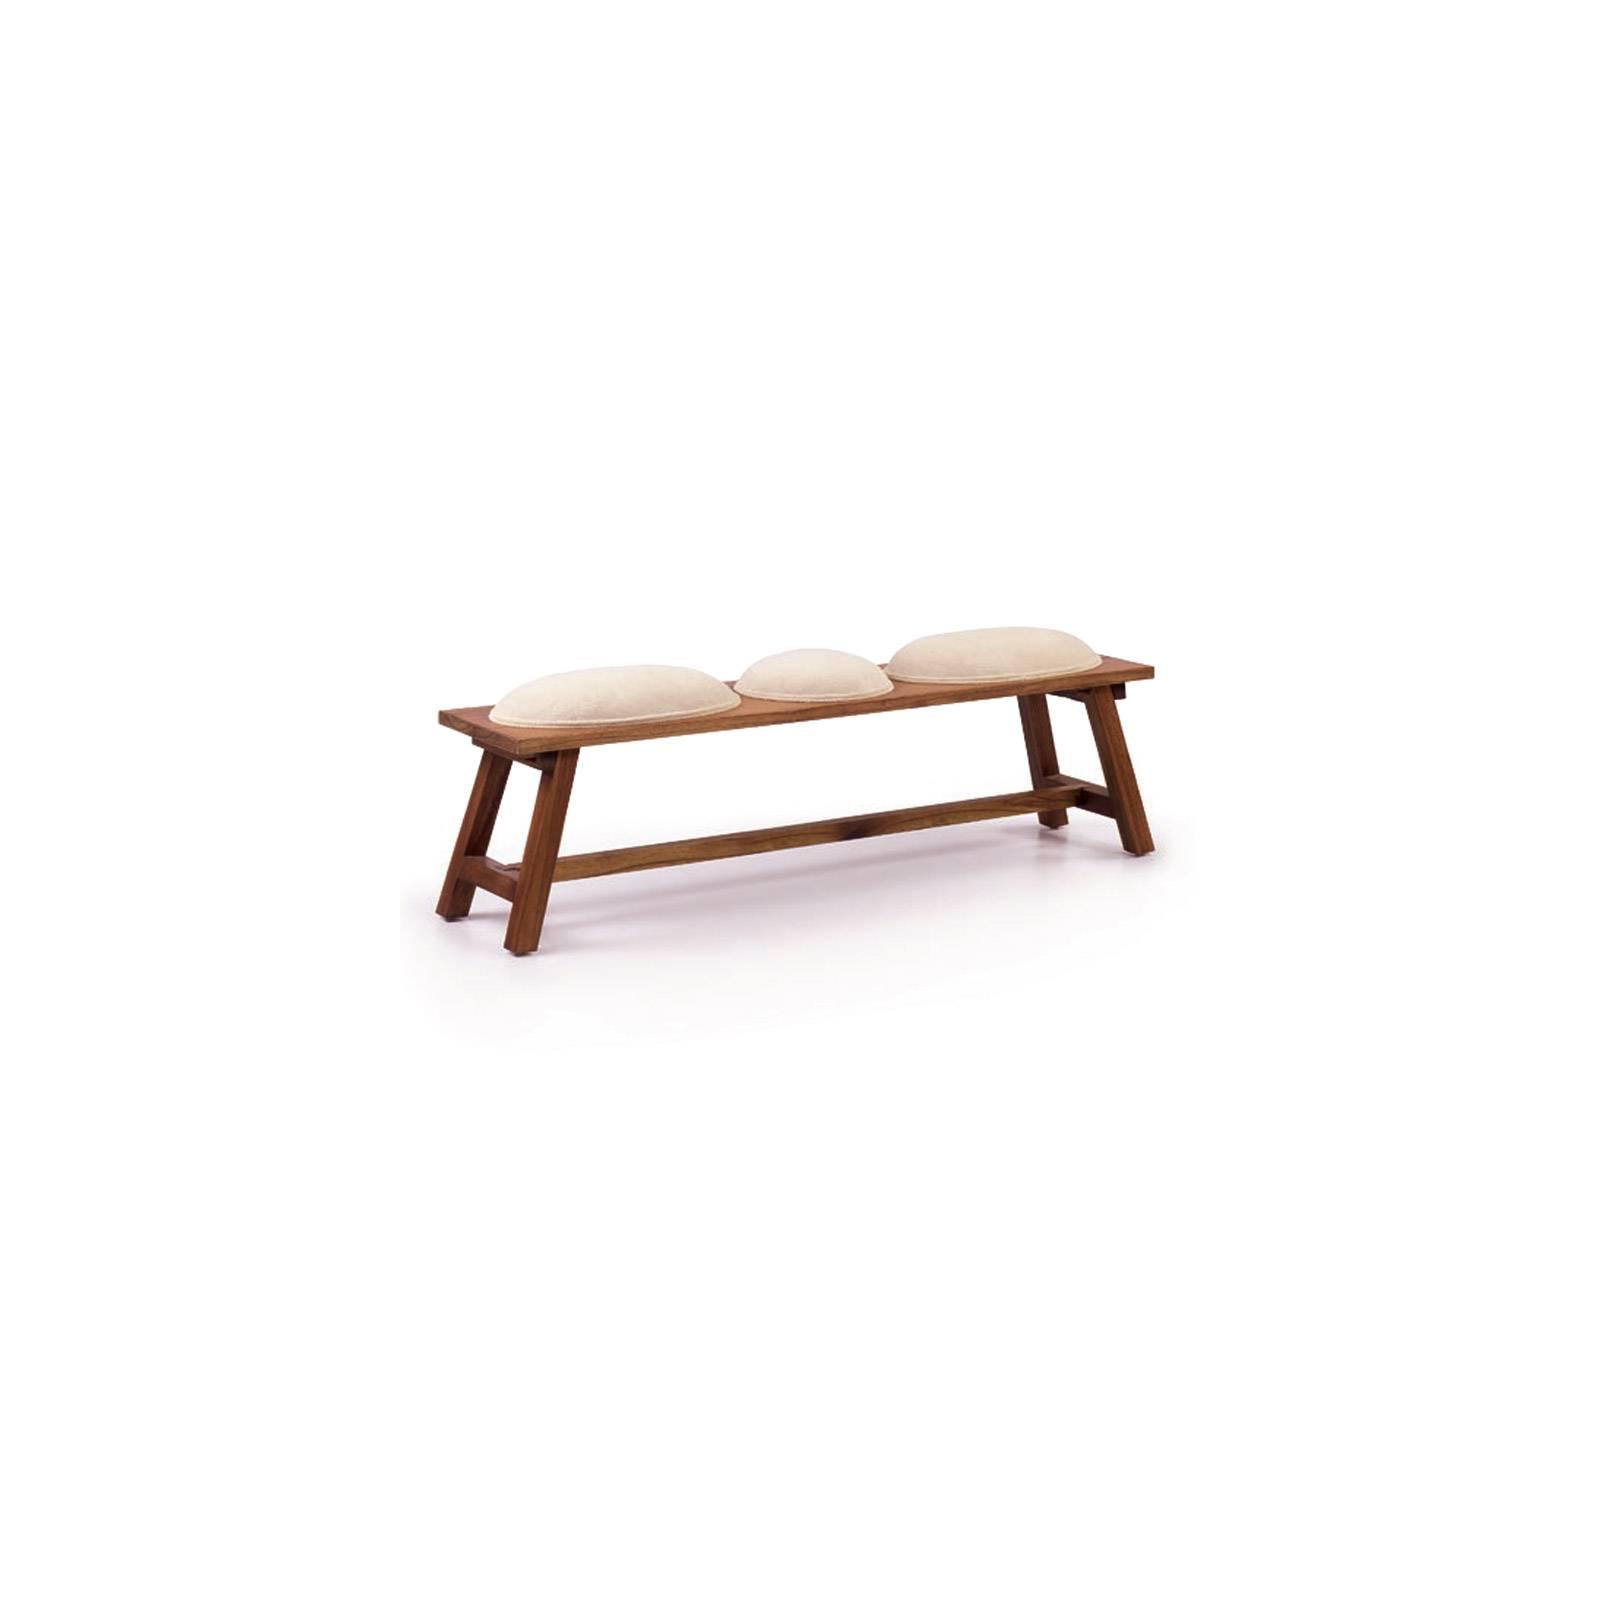 Banc Tali Mindy - meuble bois exotique